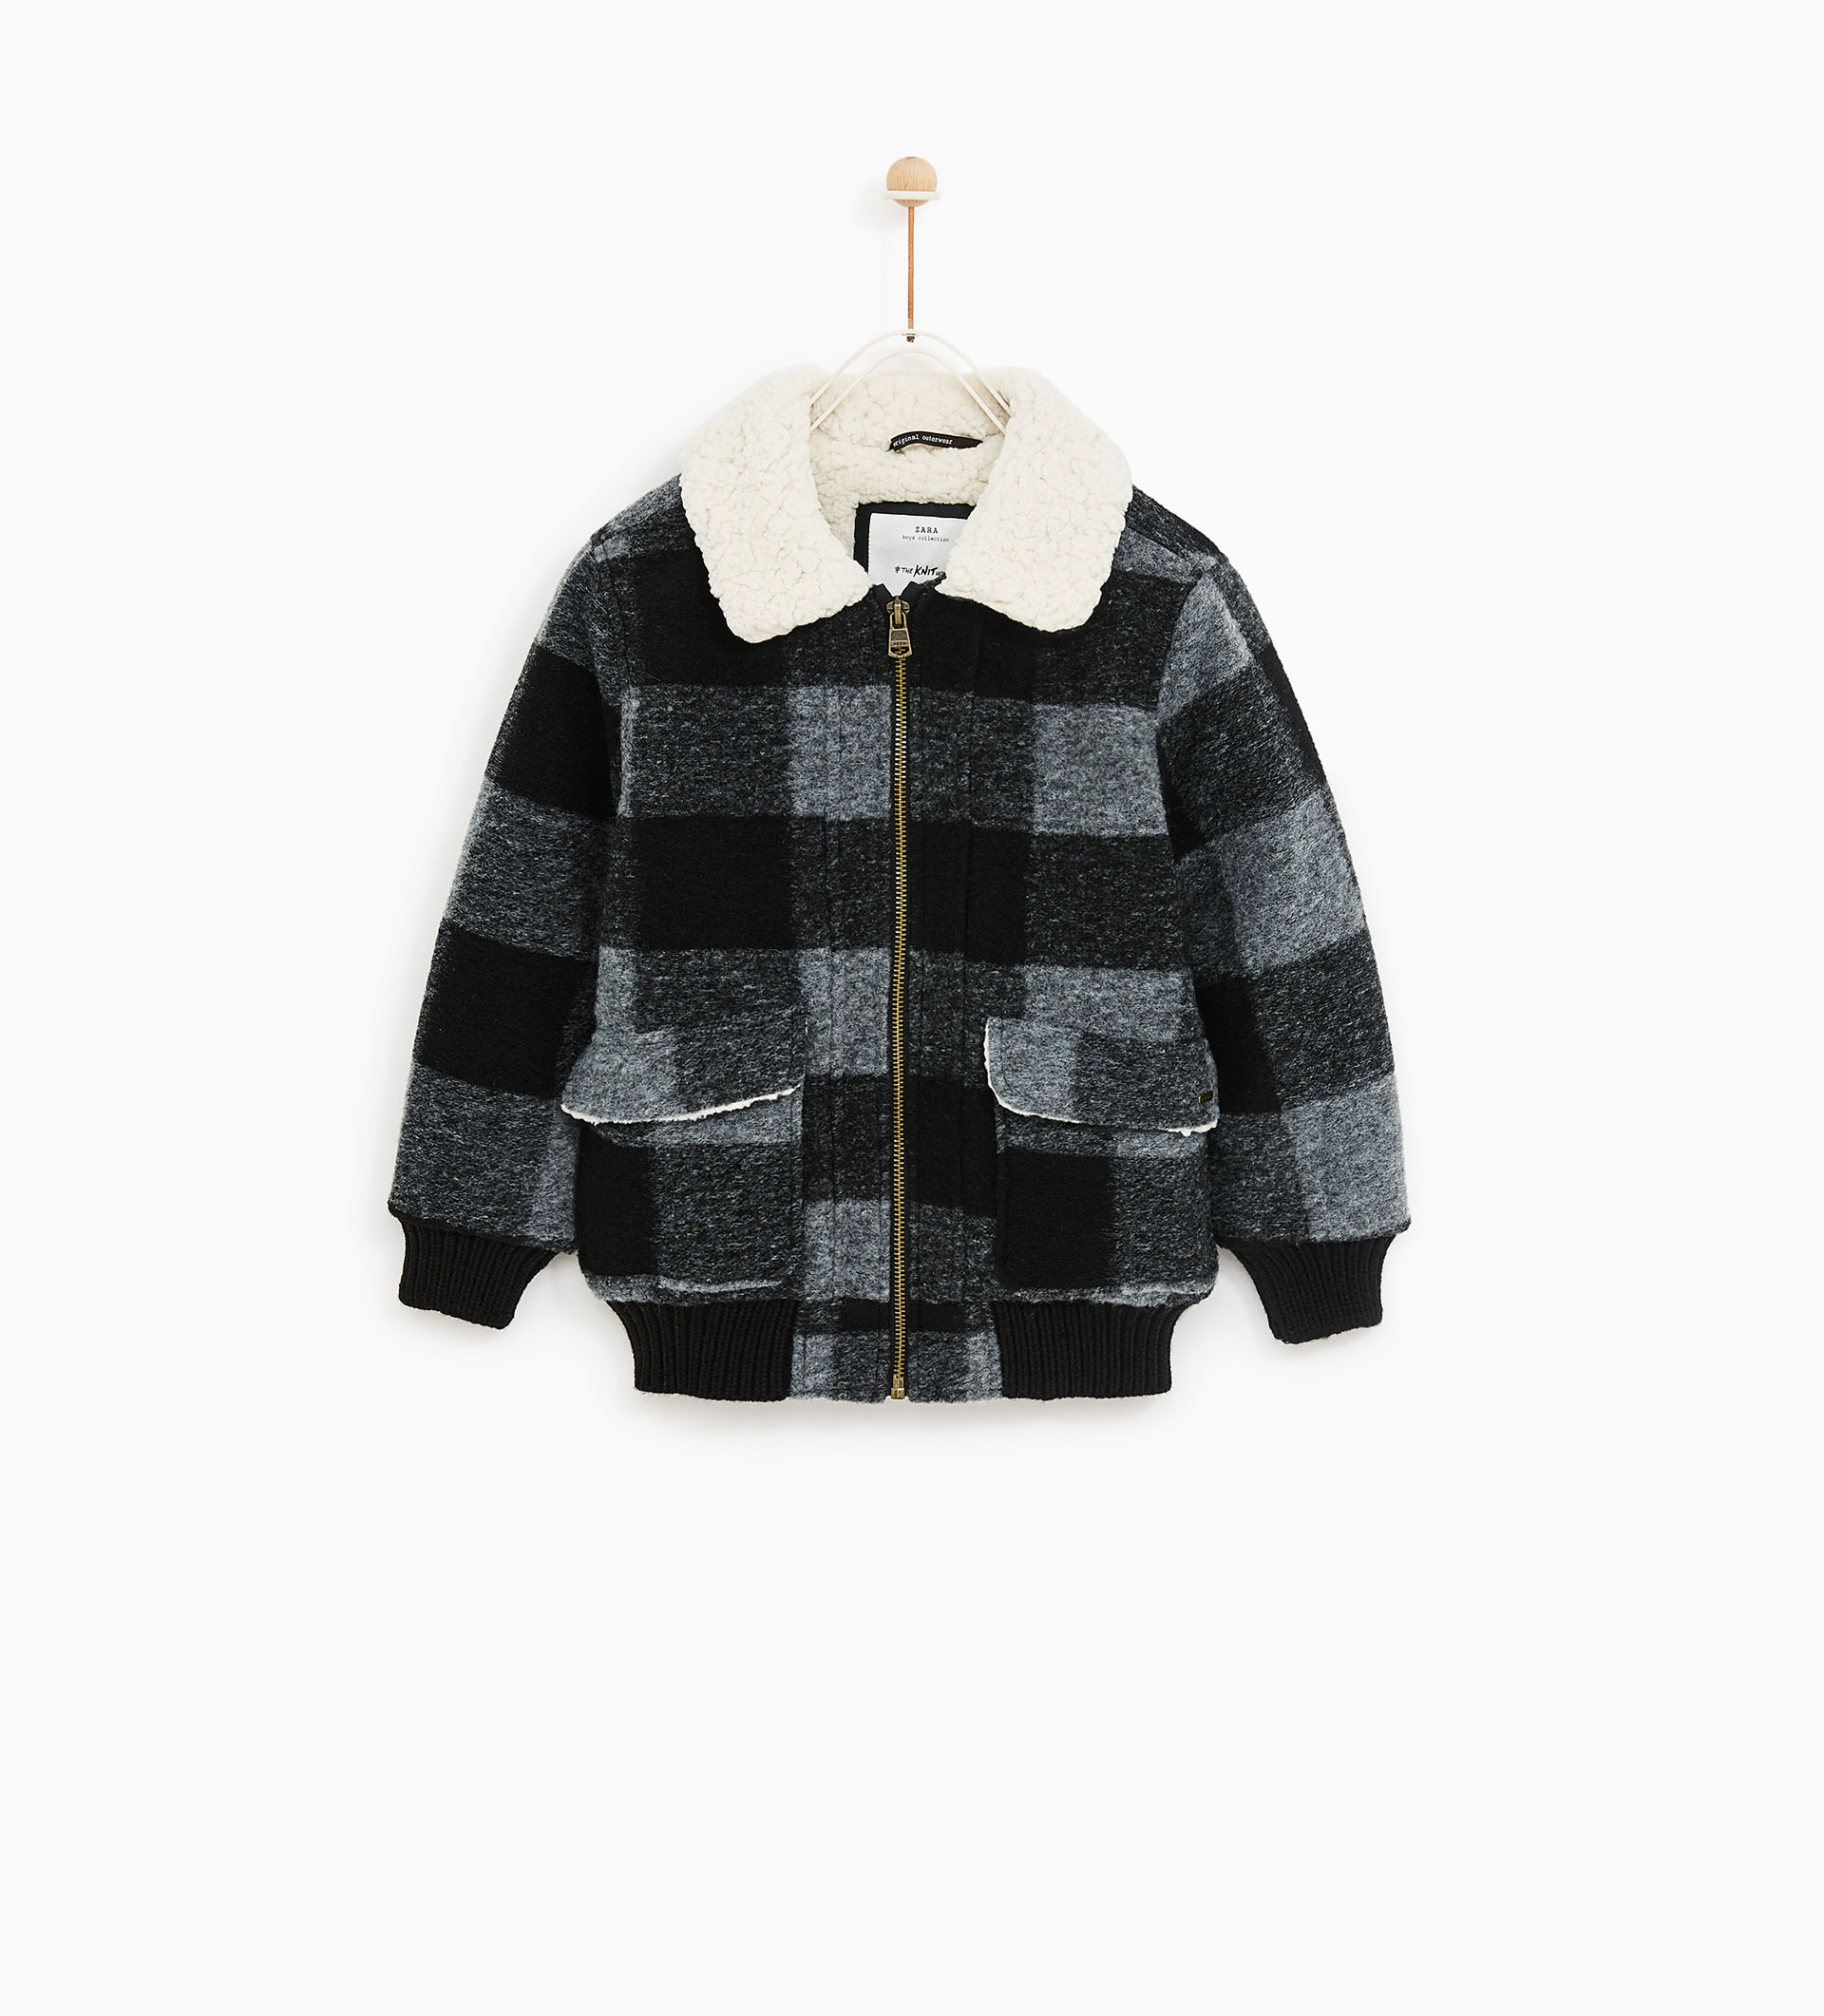 Jacket_Boy's, $45.90